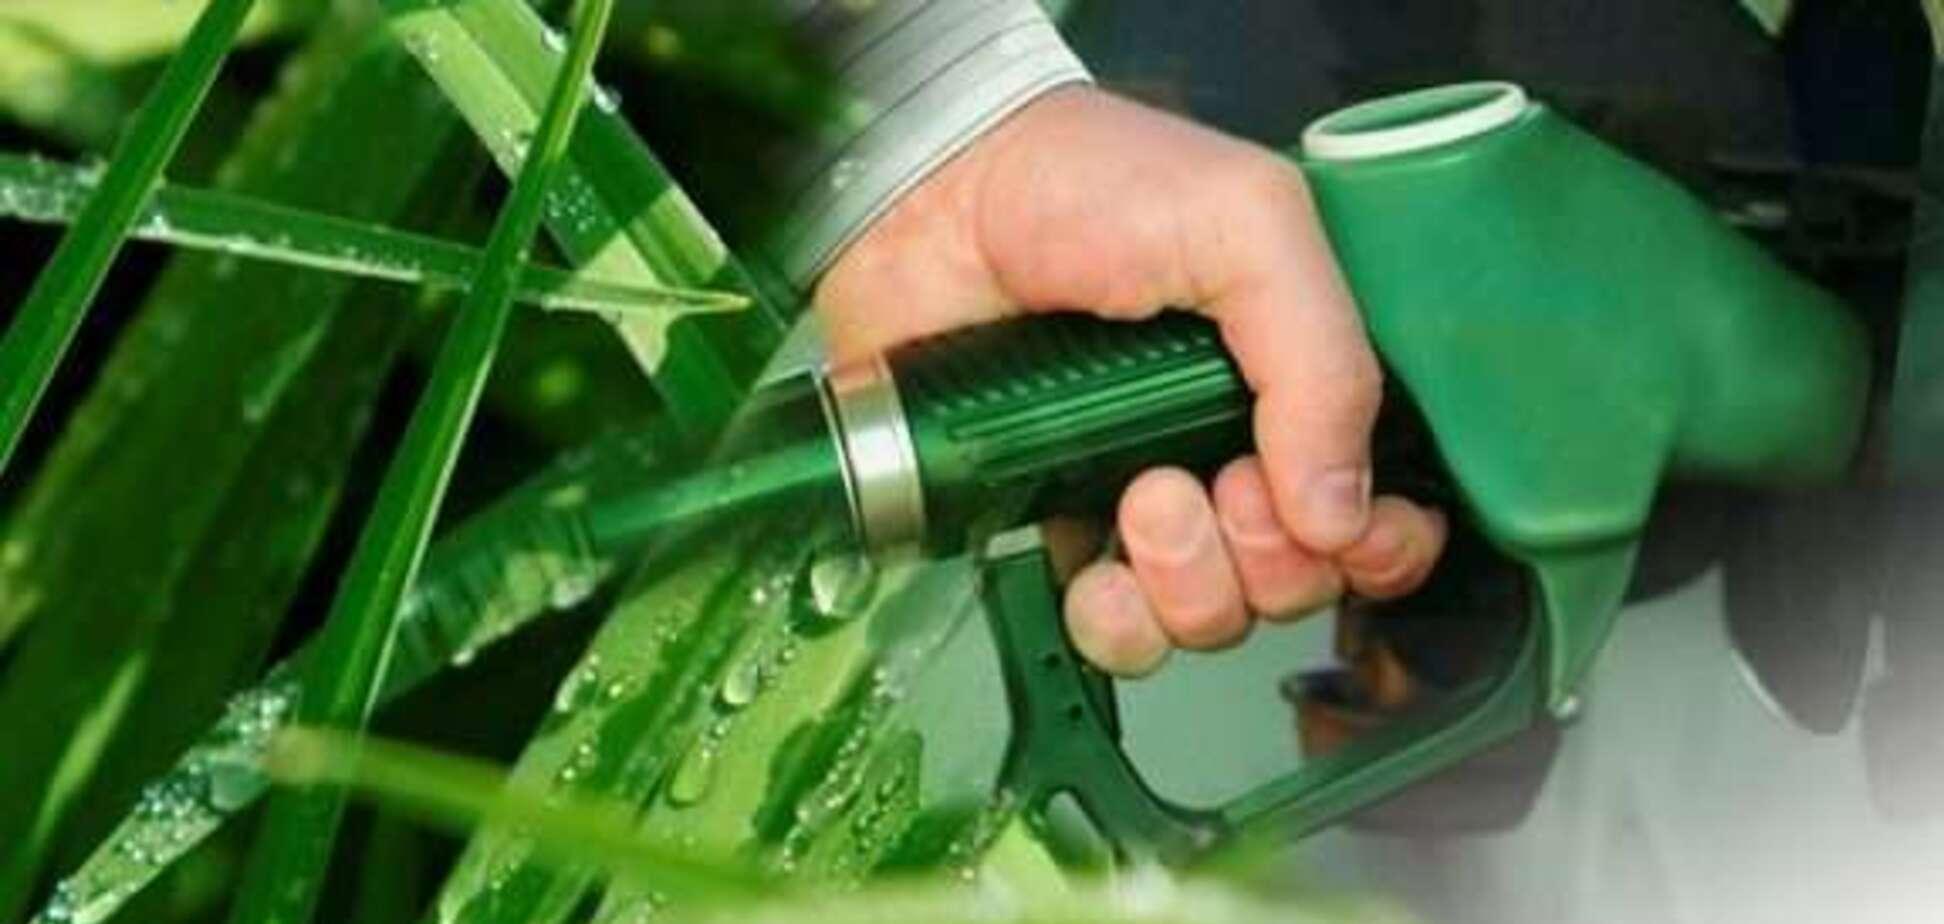 Дешевый бензин: появится ли он в Украине?